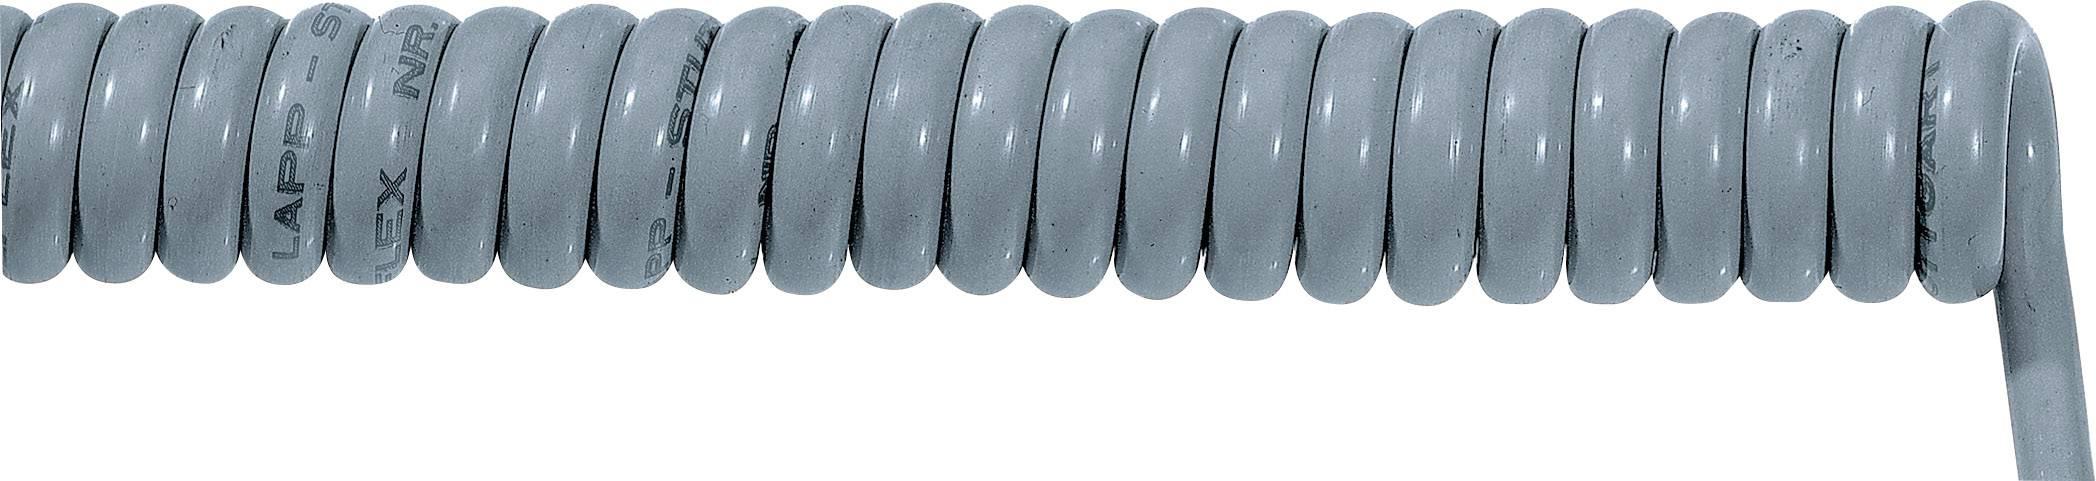 Špirálový kábel 70002709 ÖLFLEX® SPIRAL 400 P 12 x 1.50 mm², 500 mm / 1500 mm, sivá